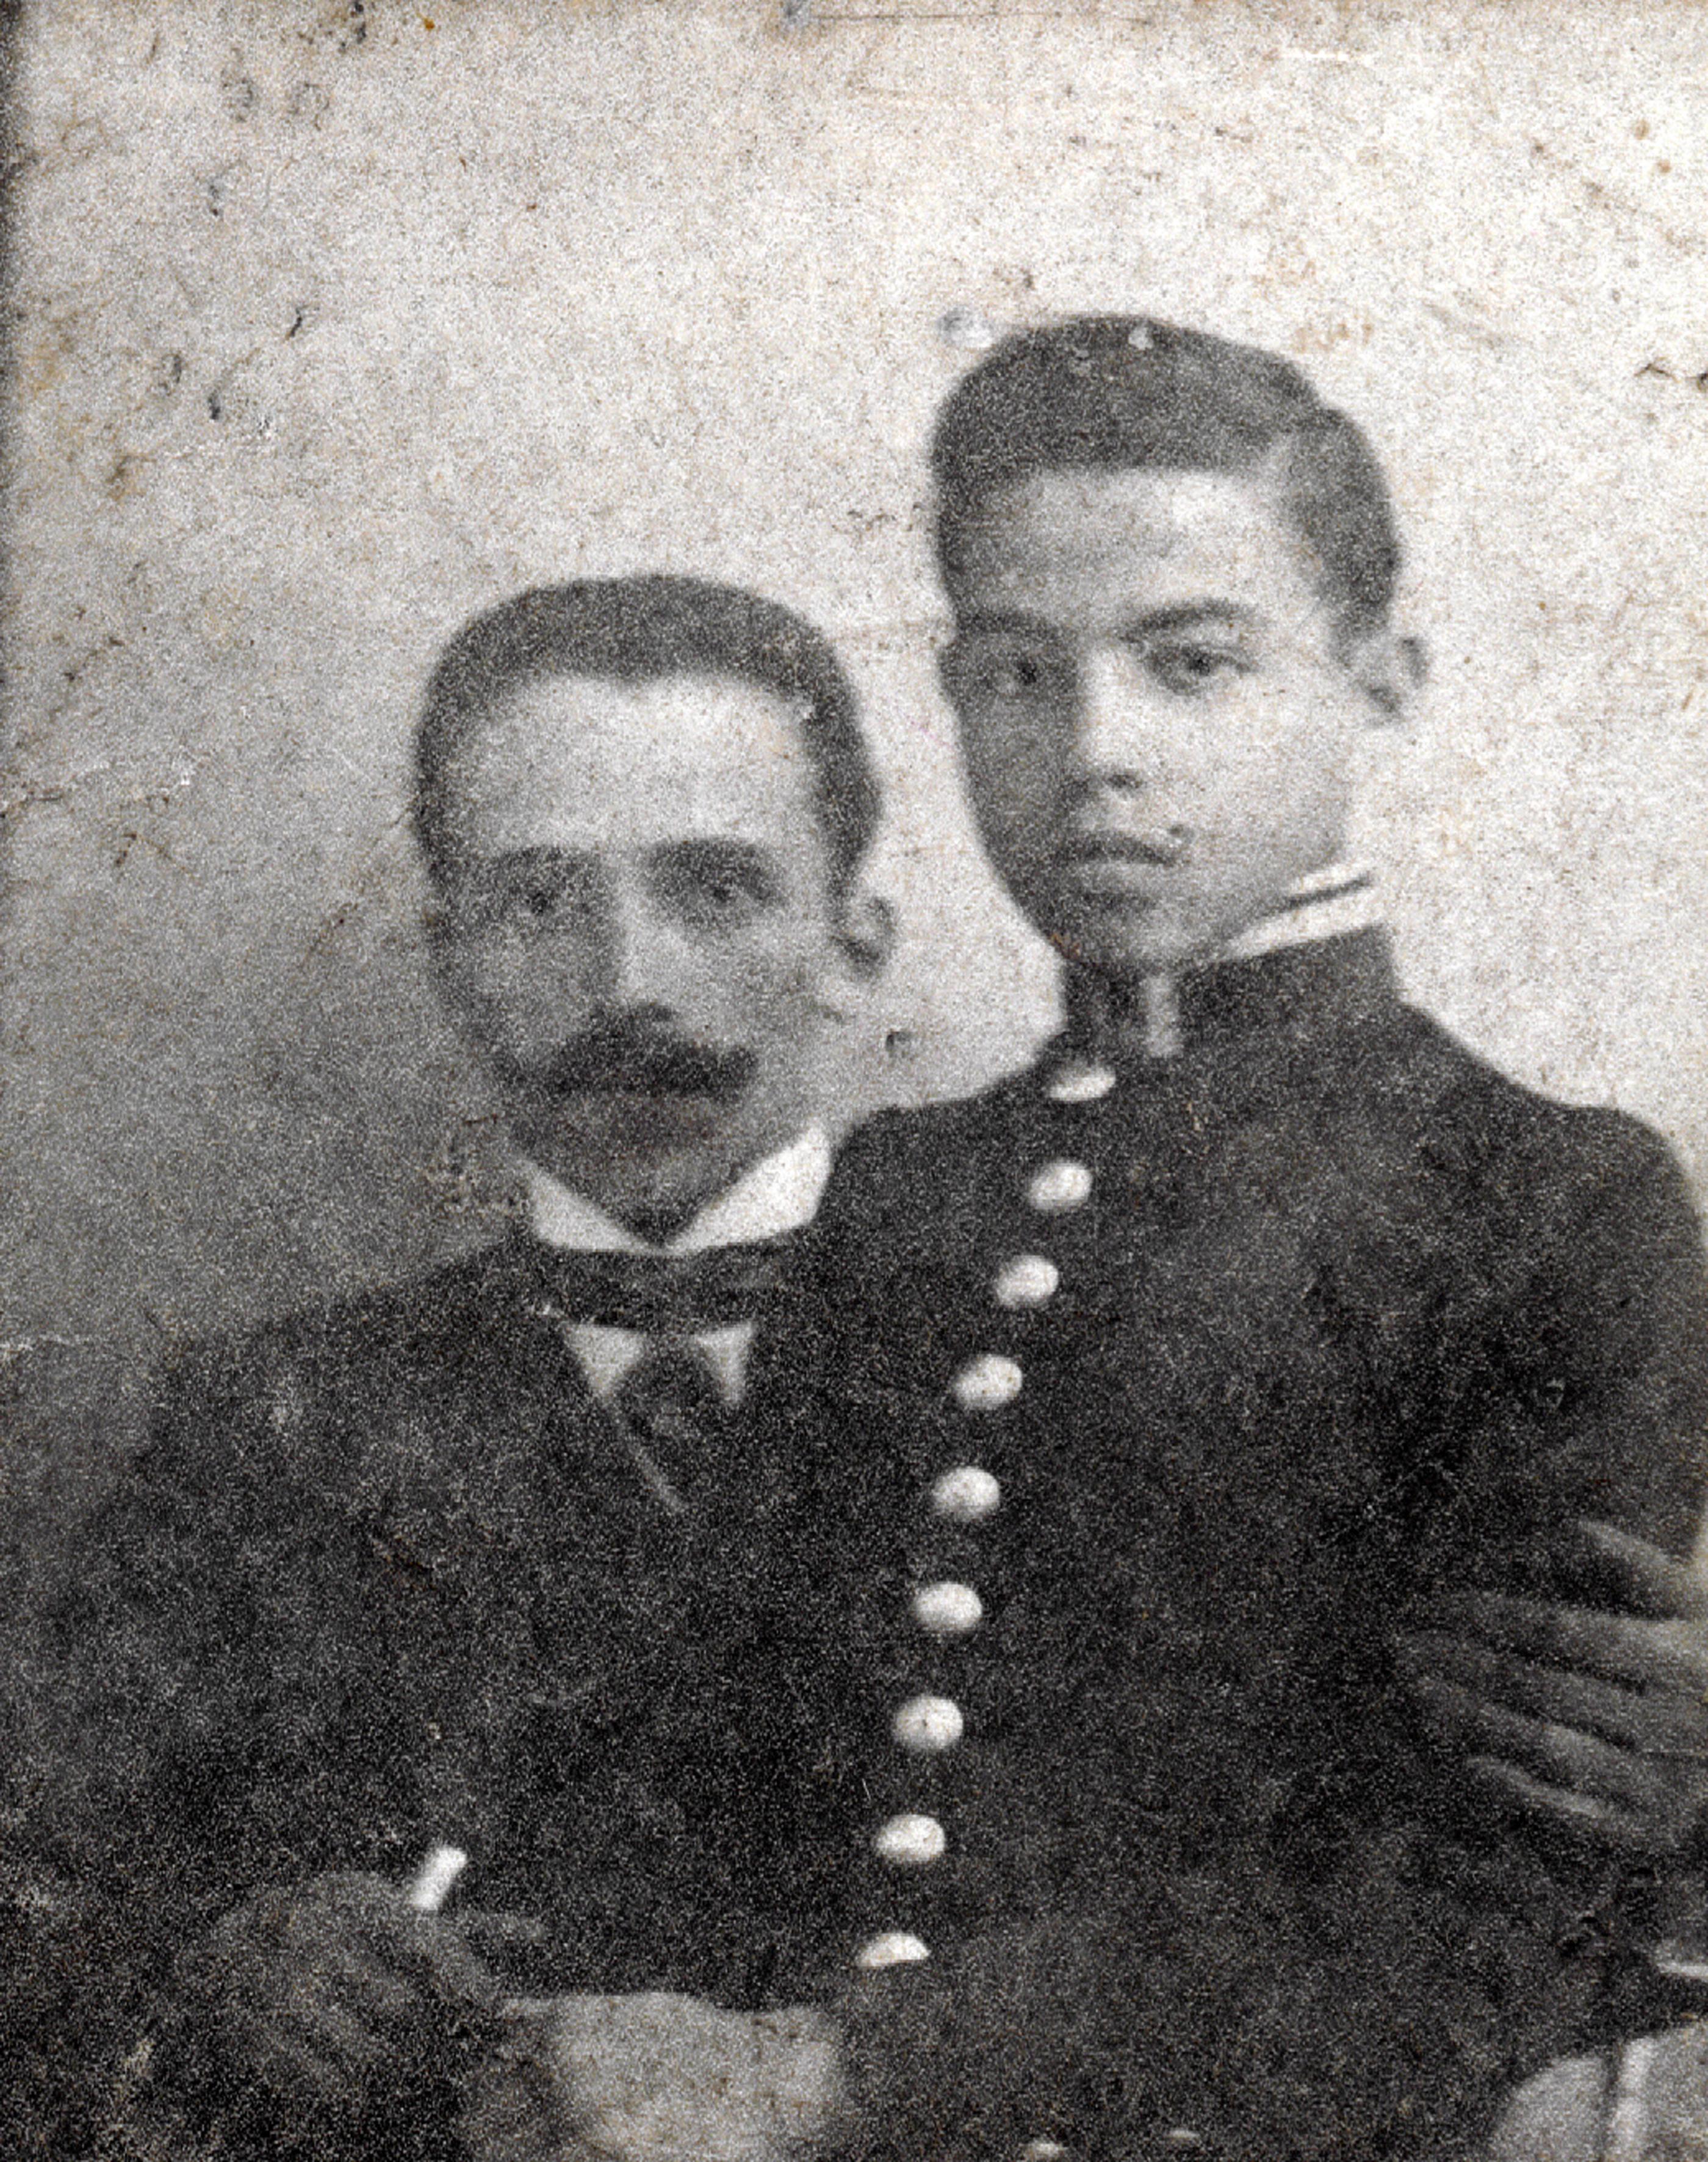 Naum Fabrikant and his son Yefim Fabrikant